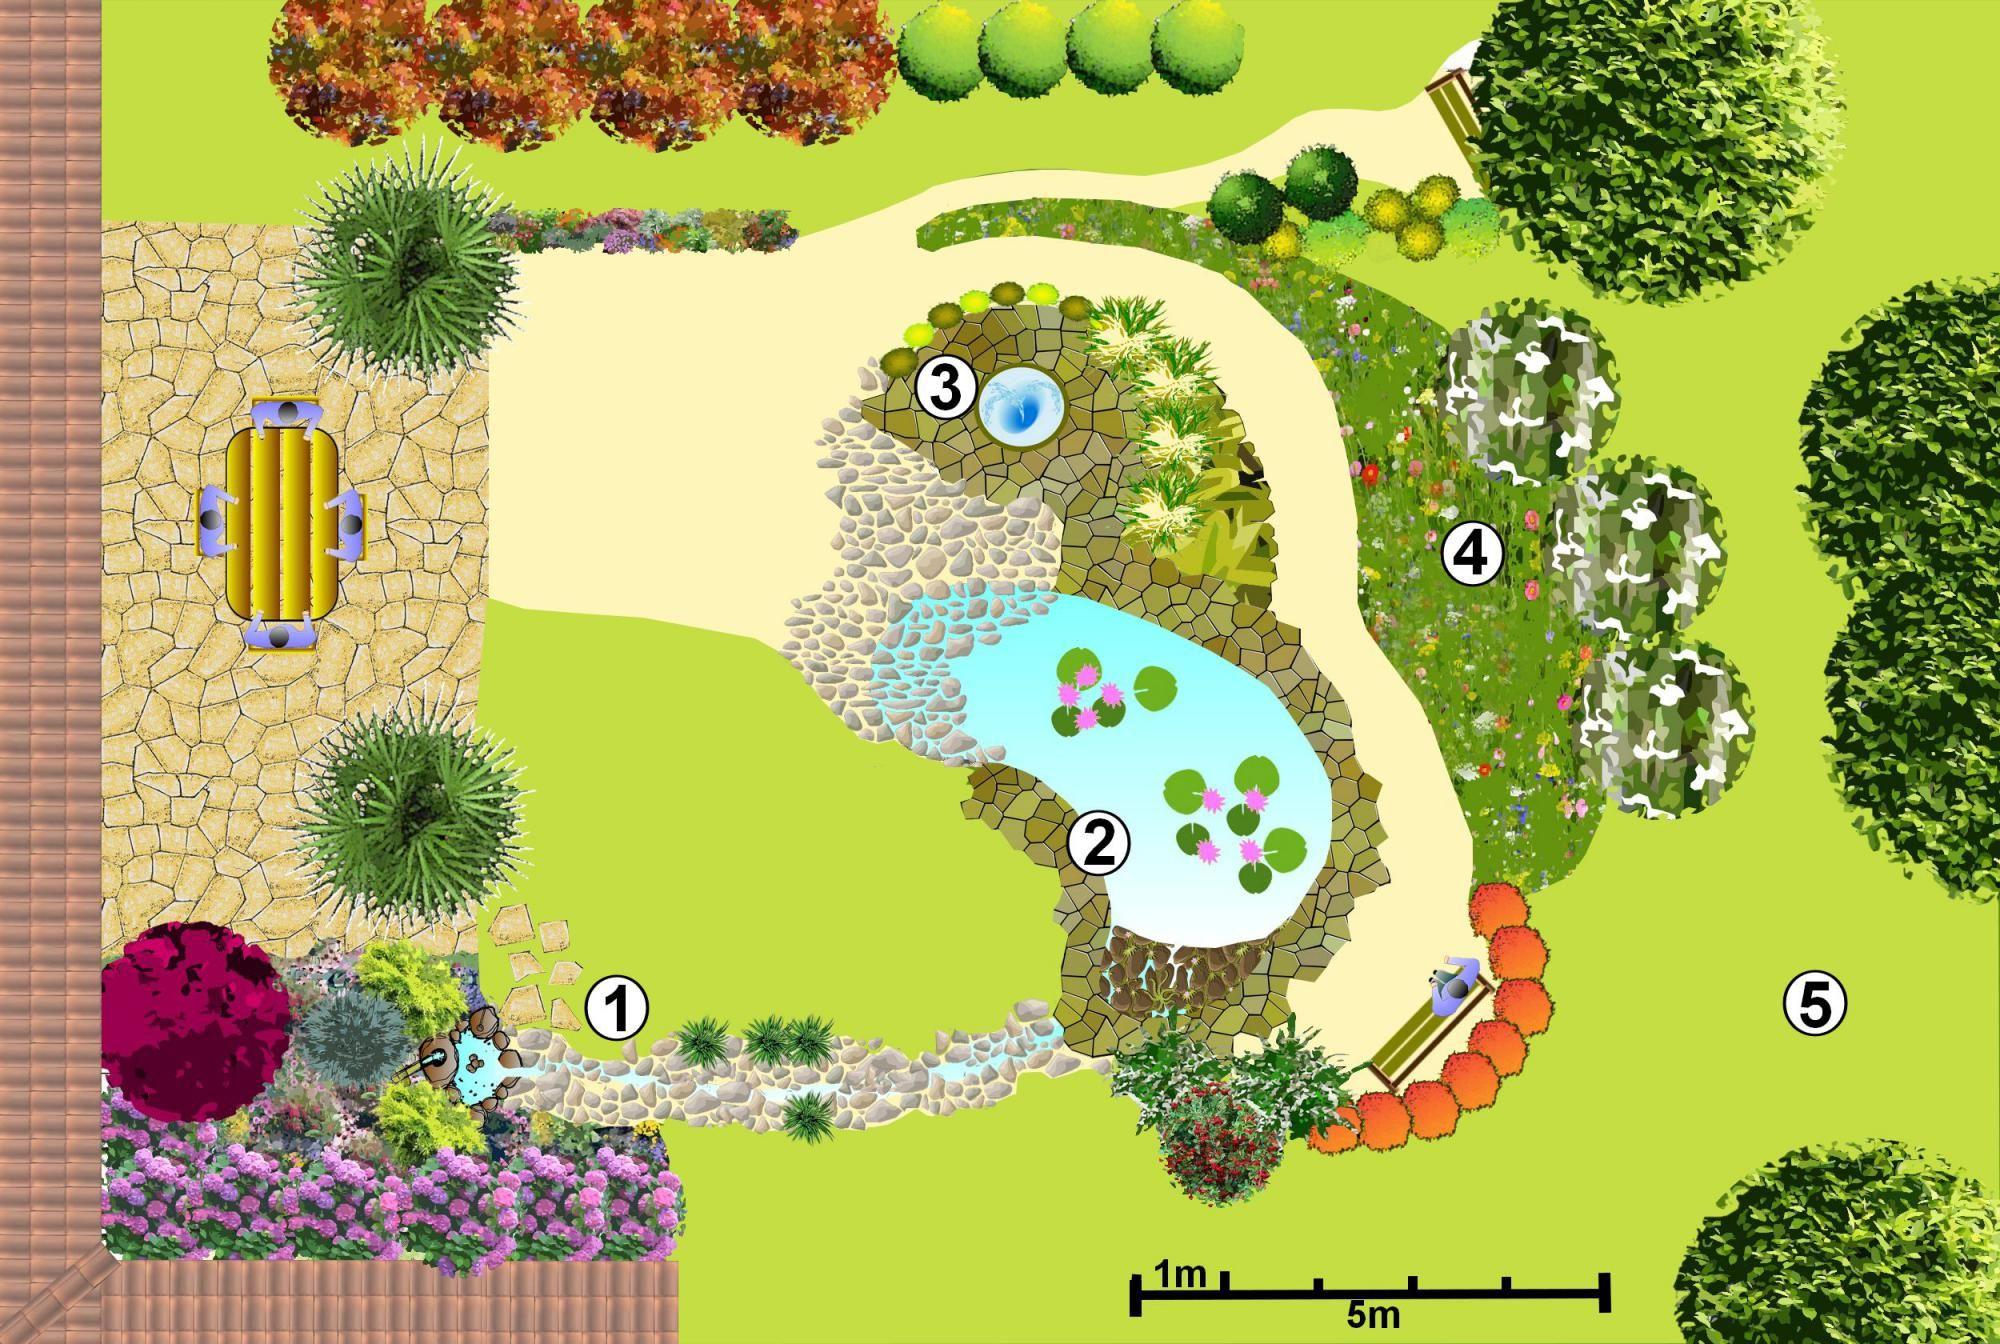 Créer Un Jardin D'eau: Plan De Jardin D'eau | Jardin D'eau ... serapportantà Créer Jardin Japonais Facile